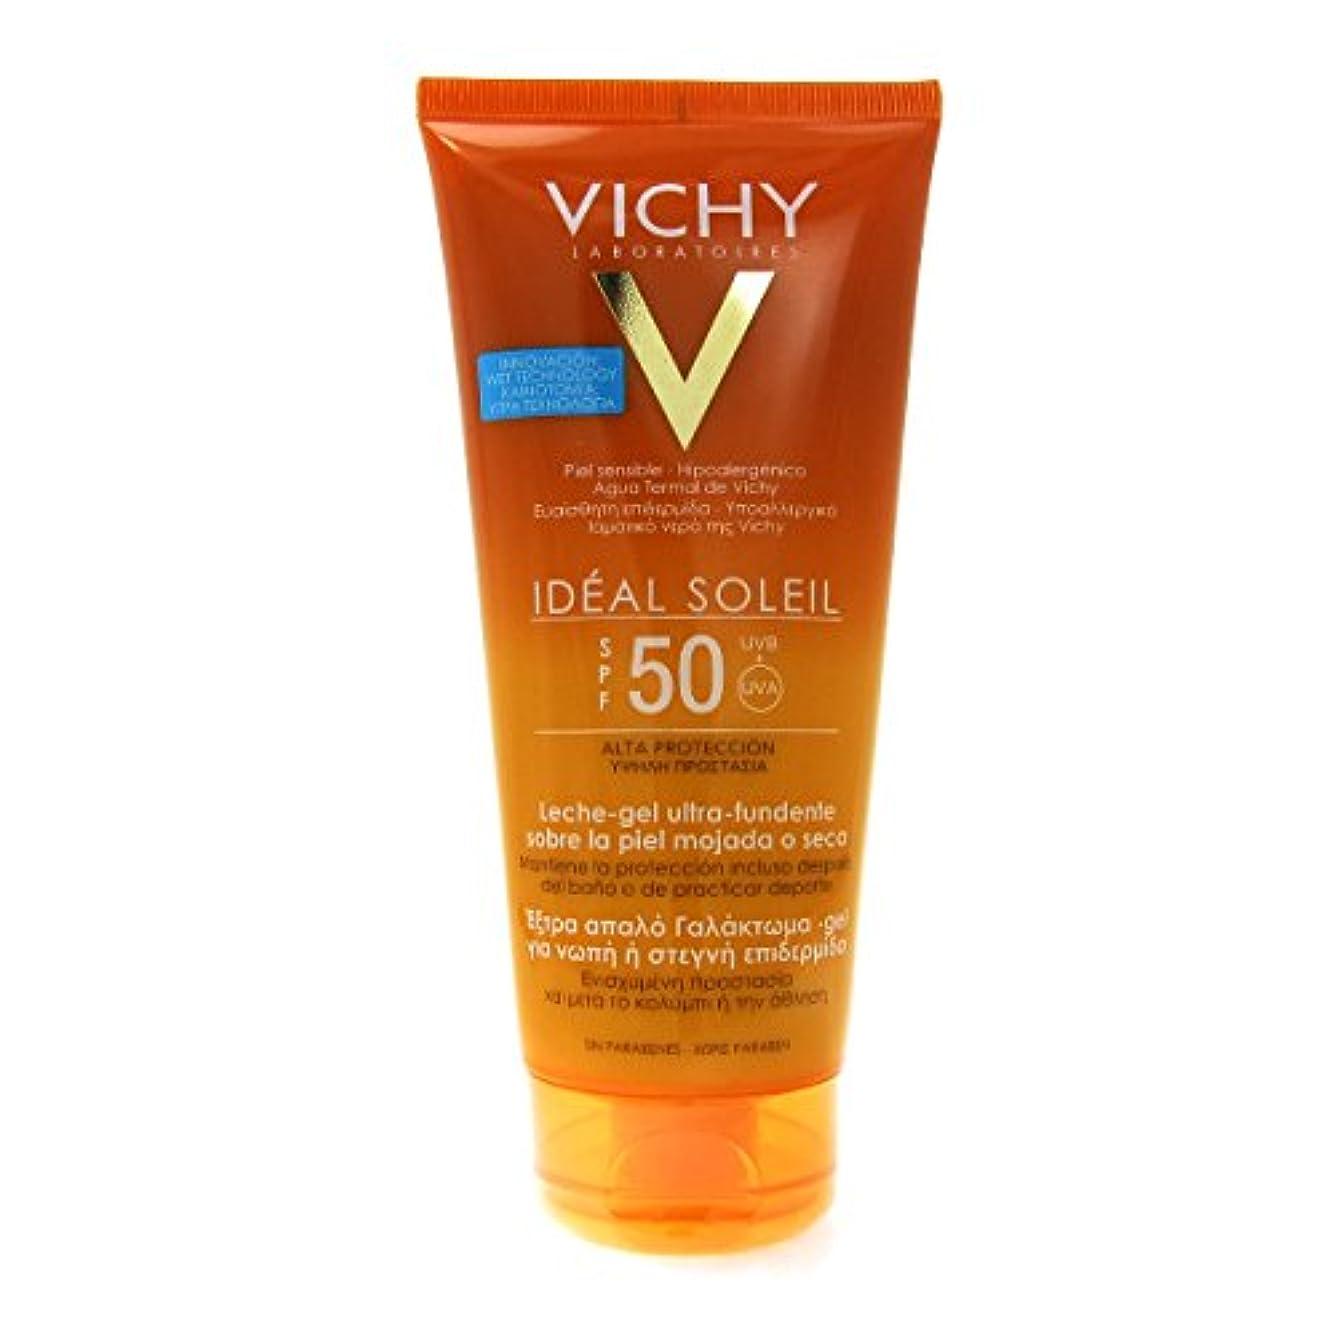 シェル命令的皮肉なVichy Capital Soleil Ideal Soleil Gel-cream Spf50 Face And Body 200ml [並行輸入品]